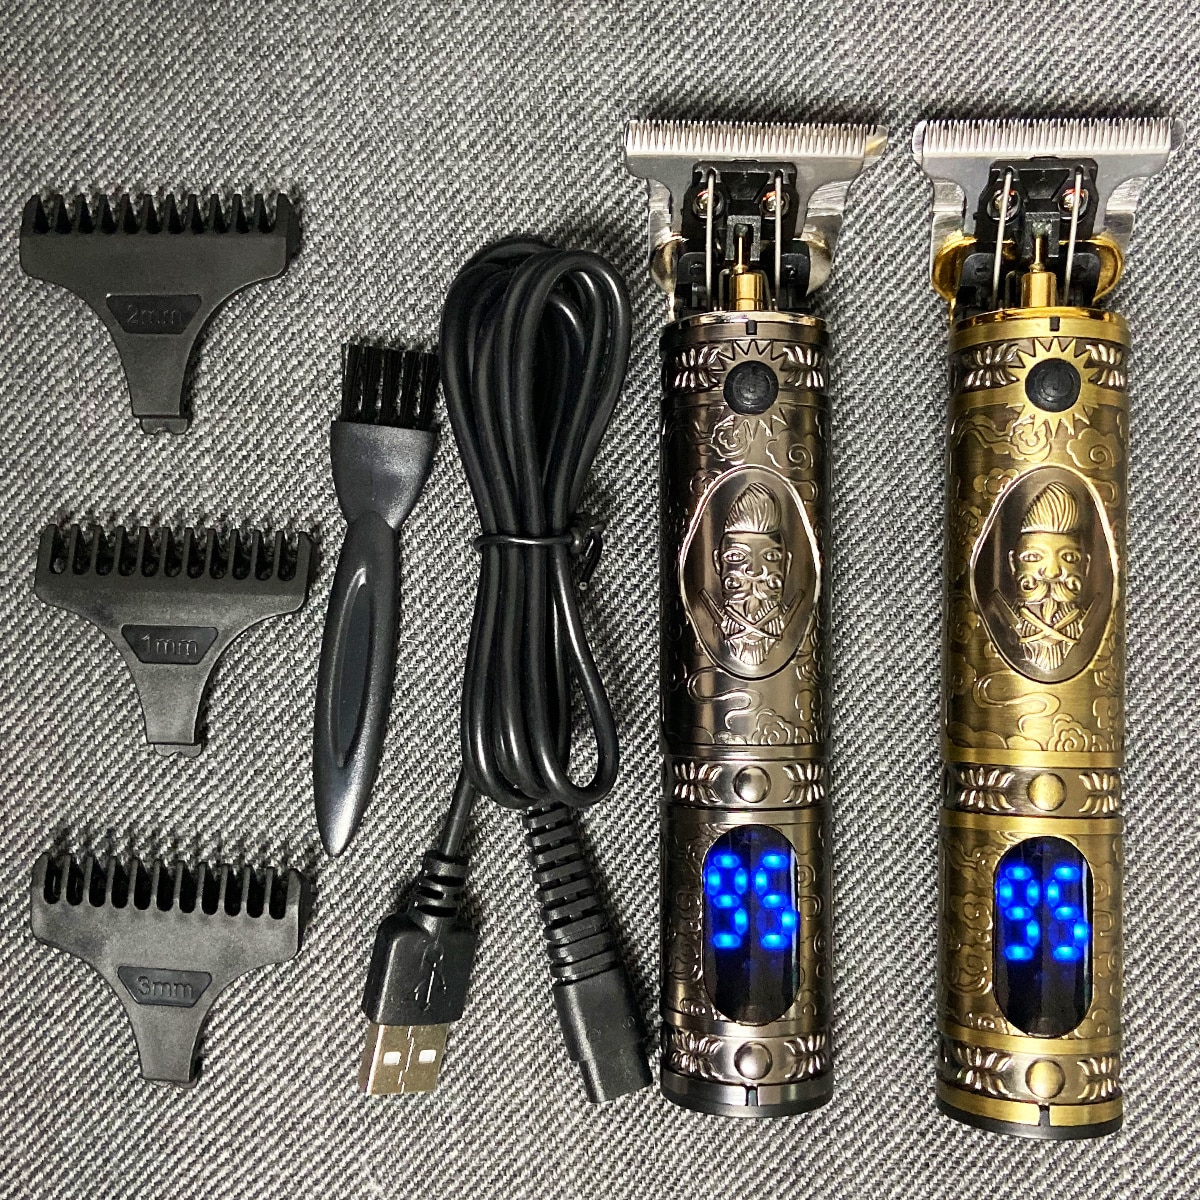 الشعر المتقلب مقص الشعر الحلاق اللاسلكي آلة قطع الشعر أداة تهذيب اللحية ماكينة حلاقة لاسلكية الحلاقة الكهربائية الرجال ماكينة حلاقة